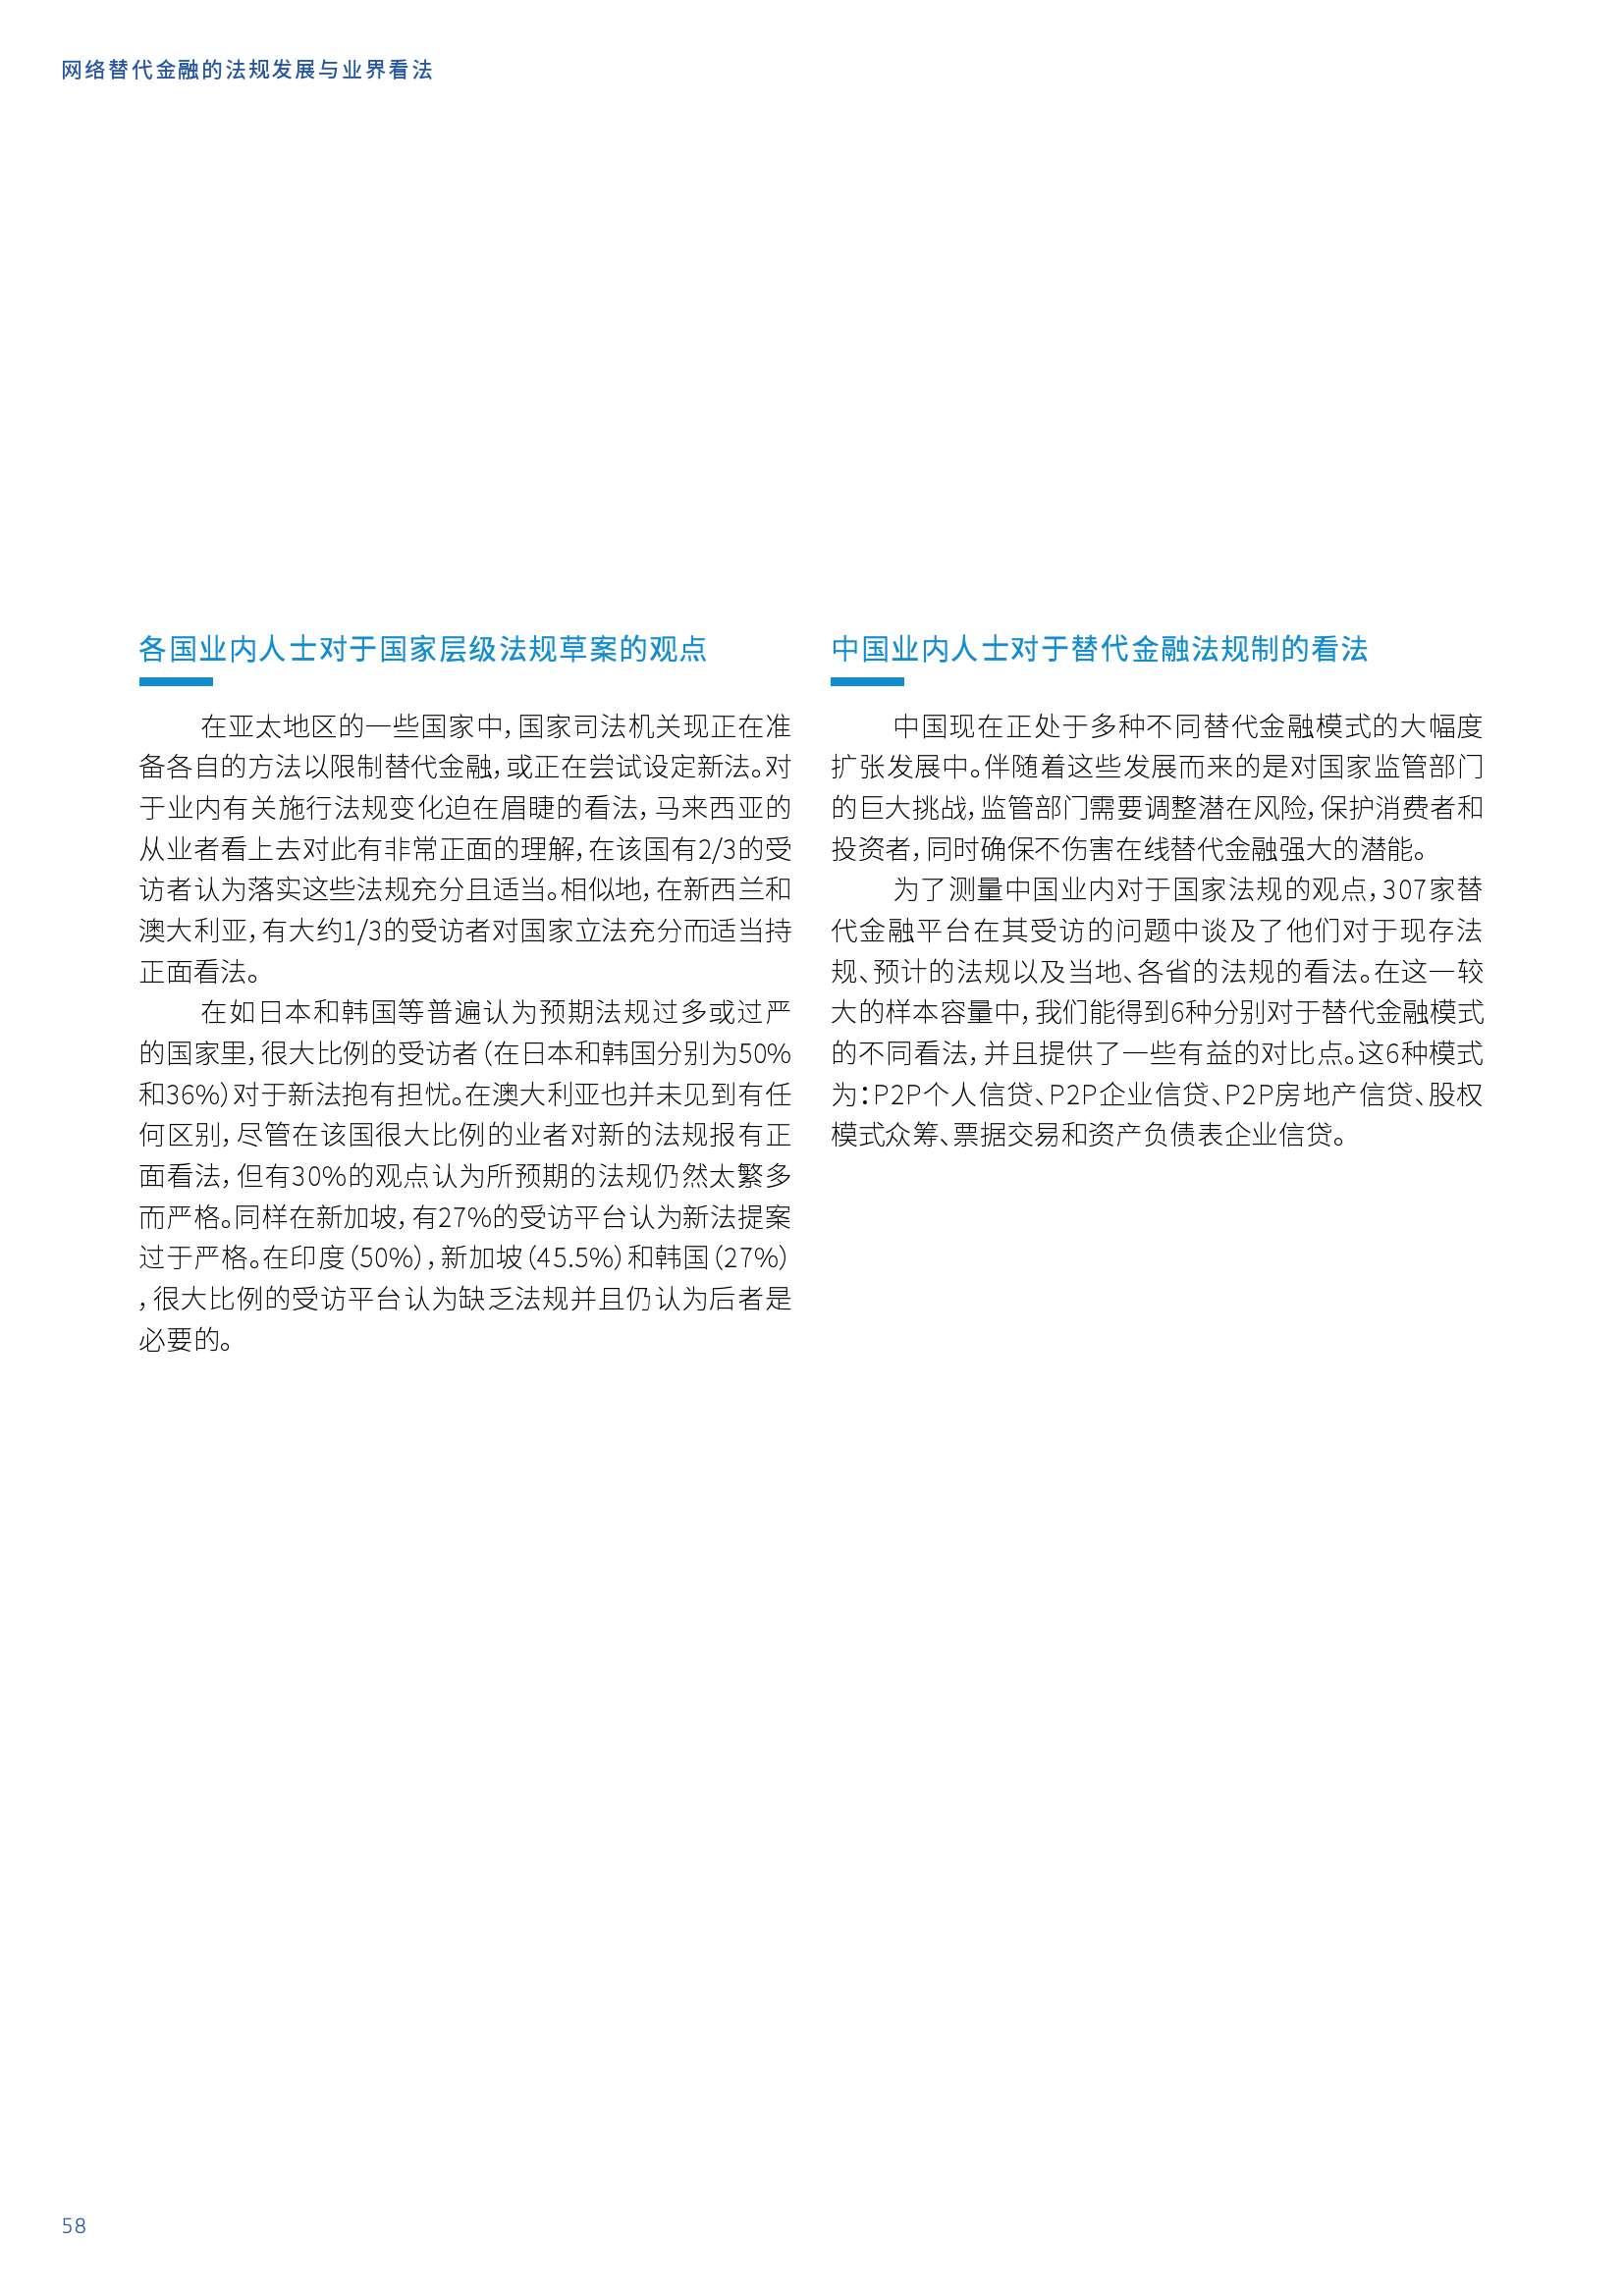 亚太地区网络替代金融基准报告_000058